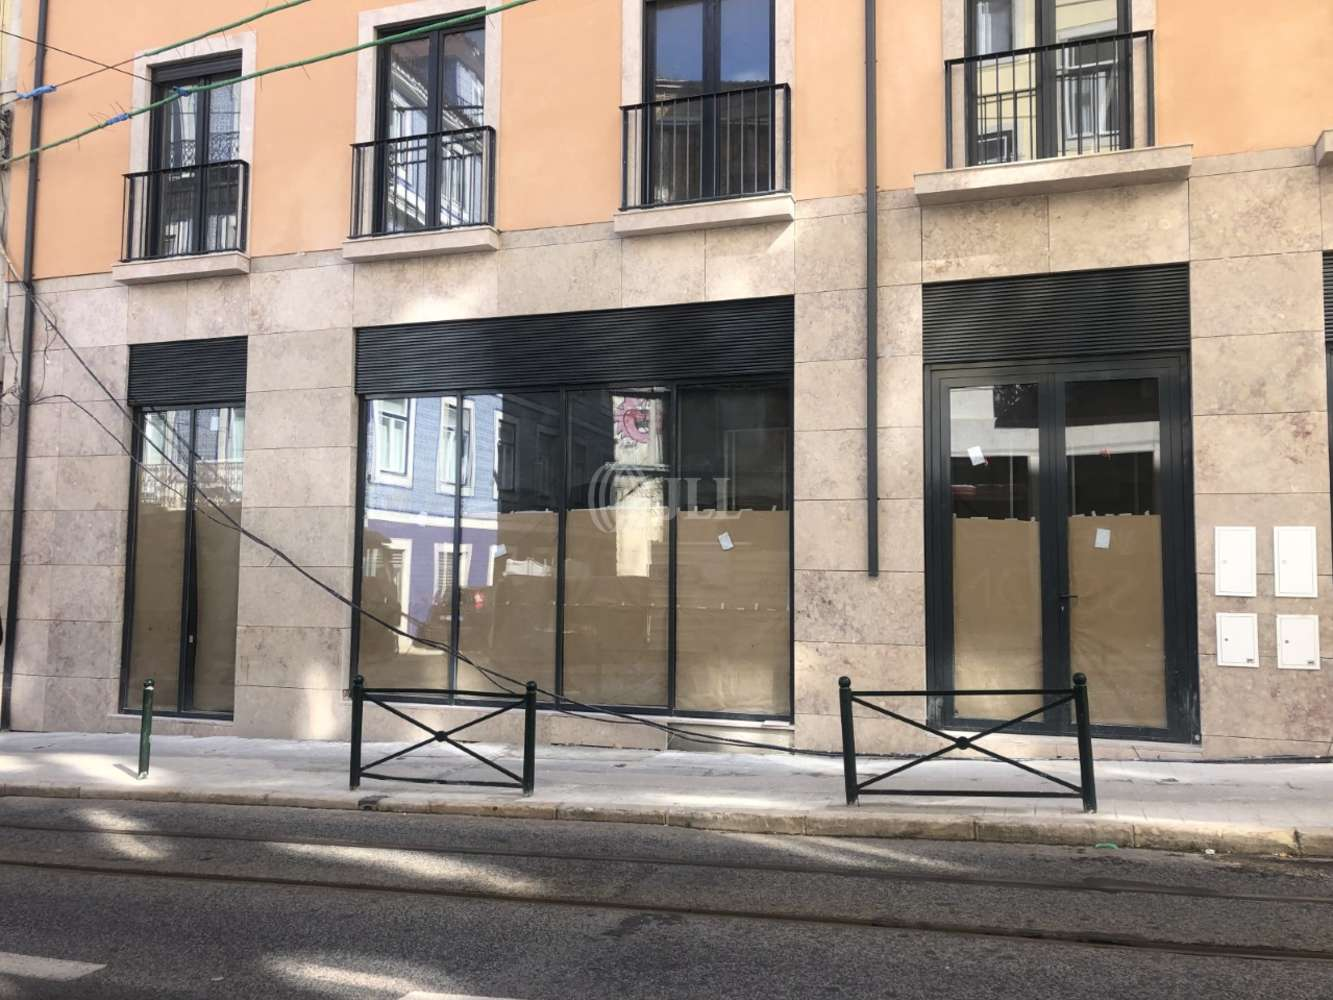 Loja Lisboa,  - Loja localizada no empreendimento Cais de Santos